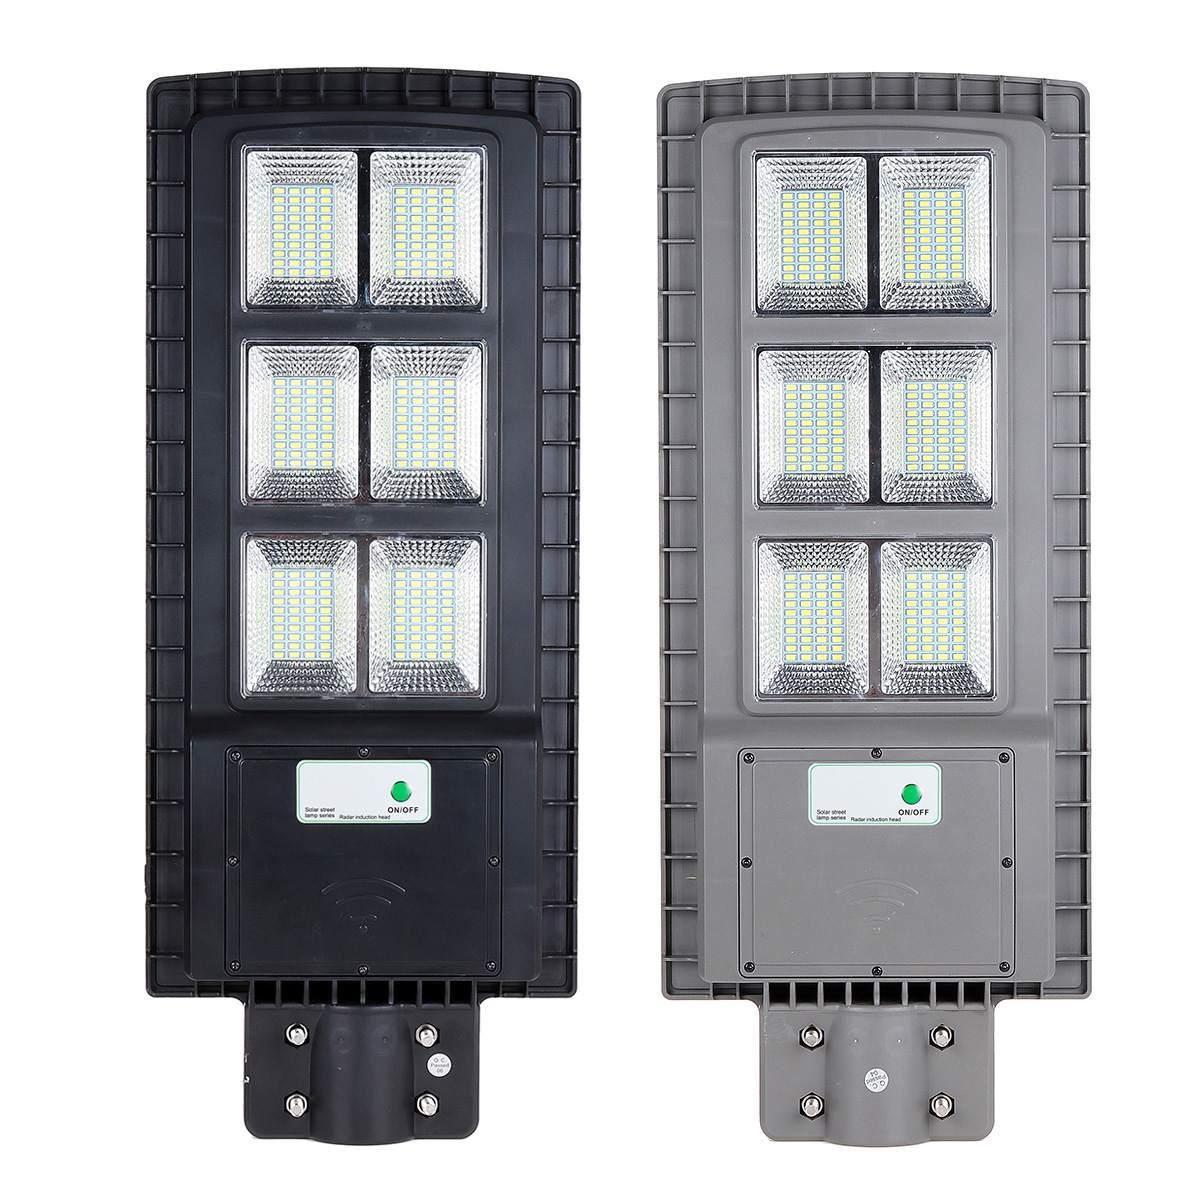 120 W lampe solaire lampadaire solaire actionné contrôle de la lumière extérieure + PIR capteur de mouvement jardin applique murale noir/gris Shell